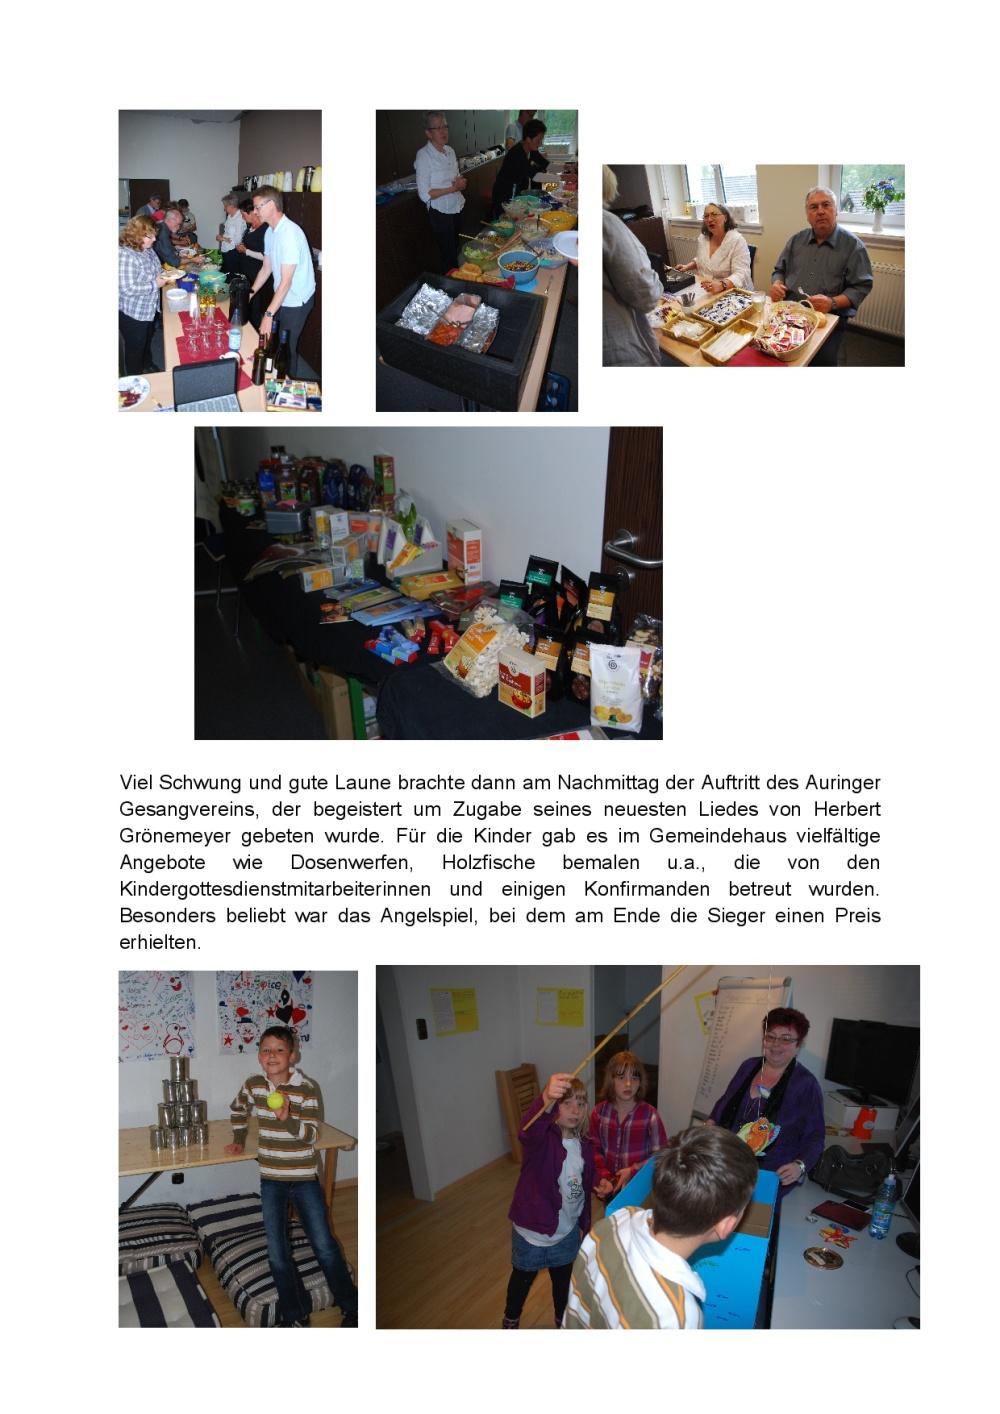 22-Gemeindefest 03.06.12-002